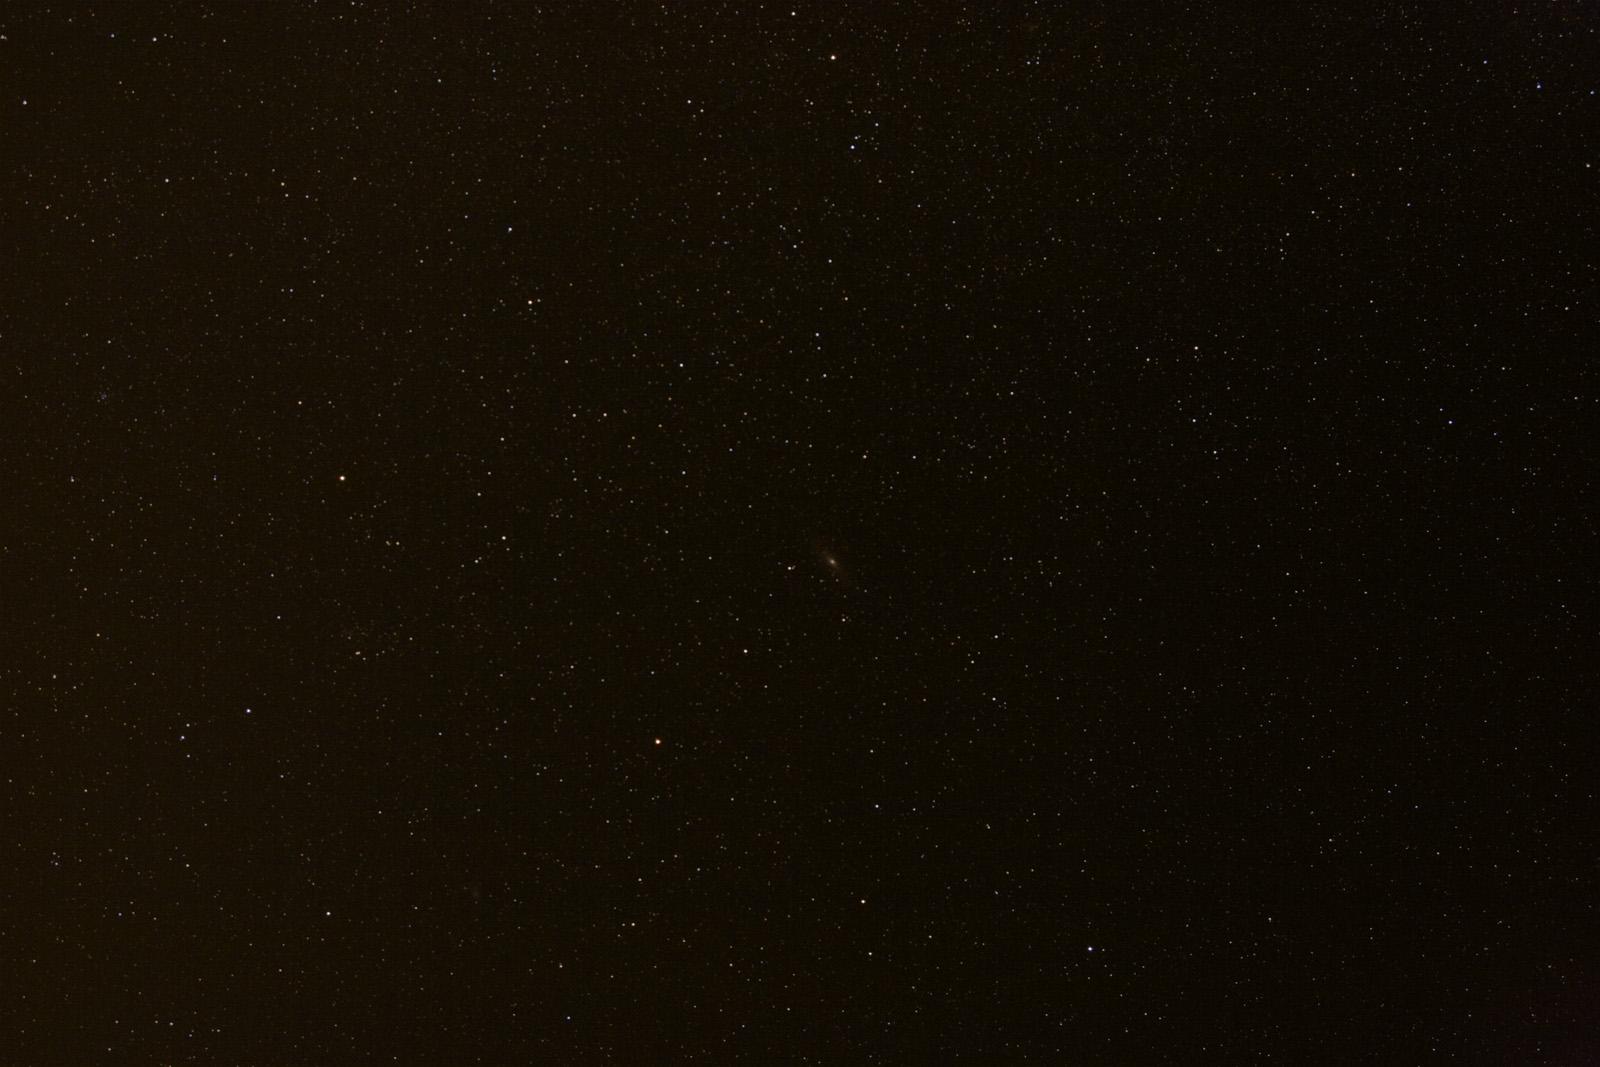 Lexa Doig Andromeda.